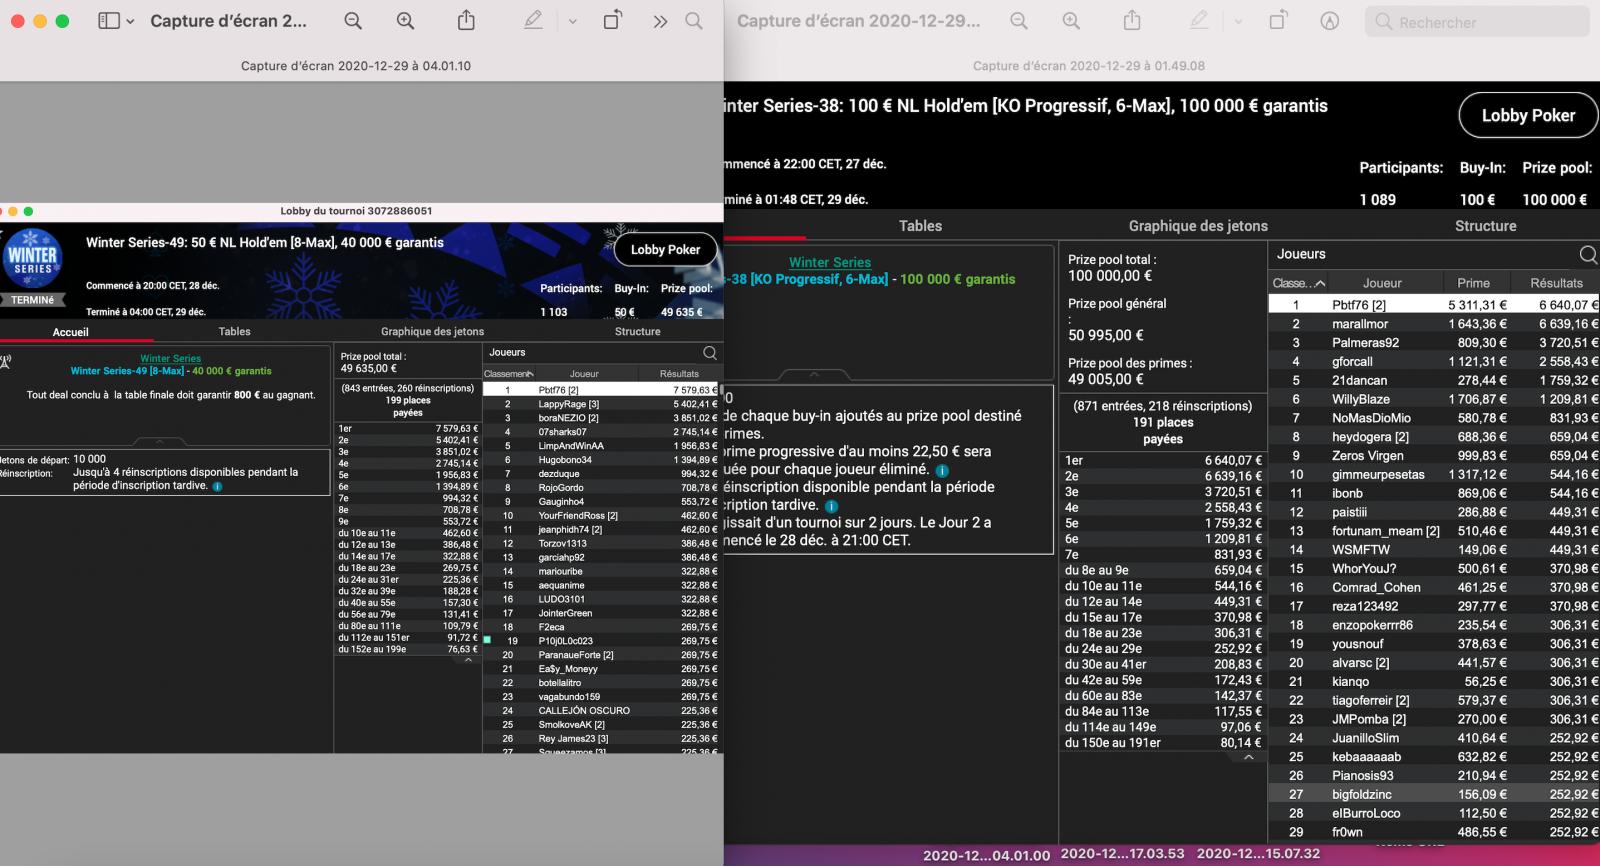 Capture d'écran 2020-12-29 à 04.10.56.png